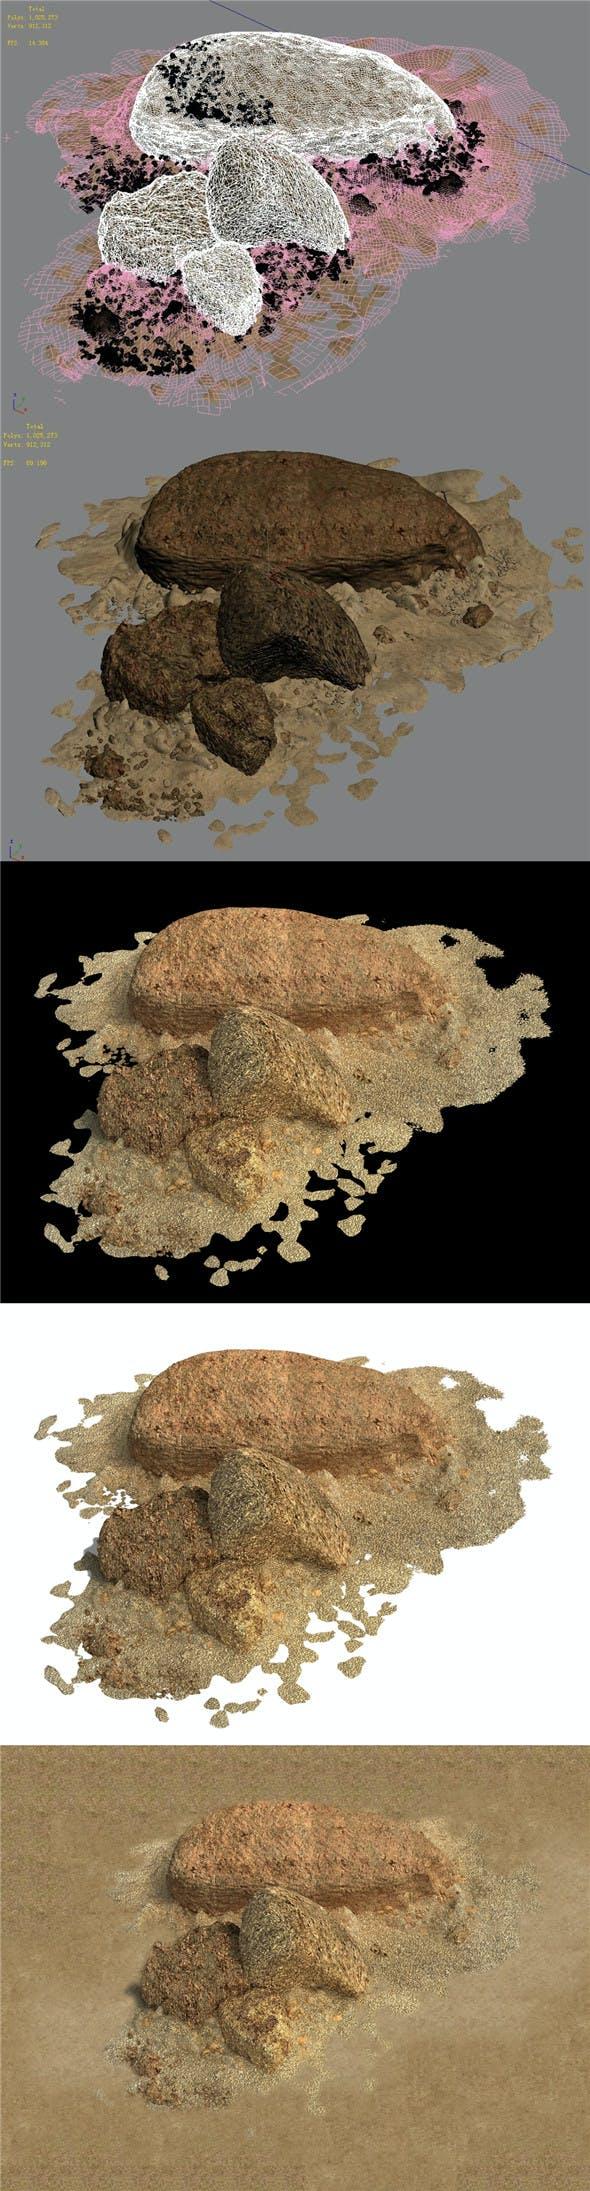 Barracks - Desert Stones - Gravel 01 - 3DOcean Item for Sale